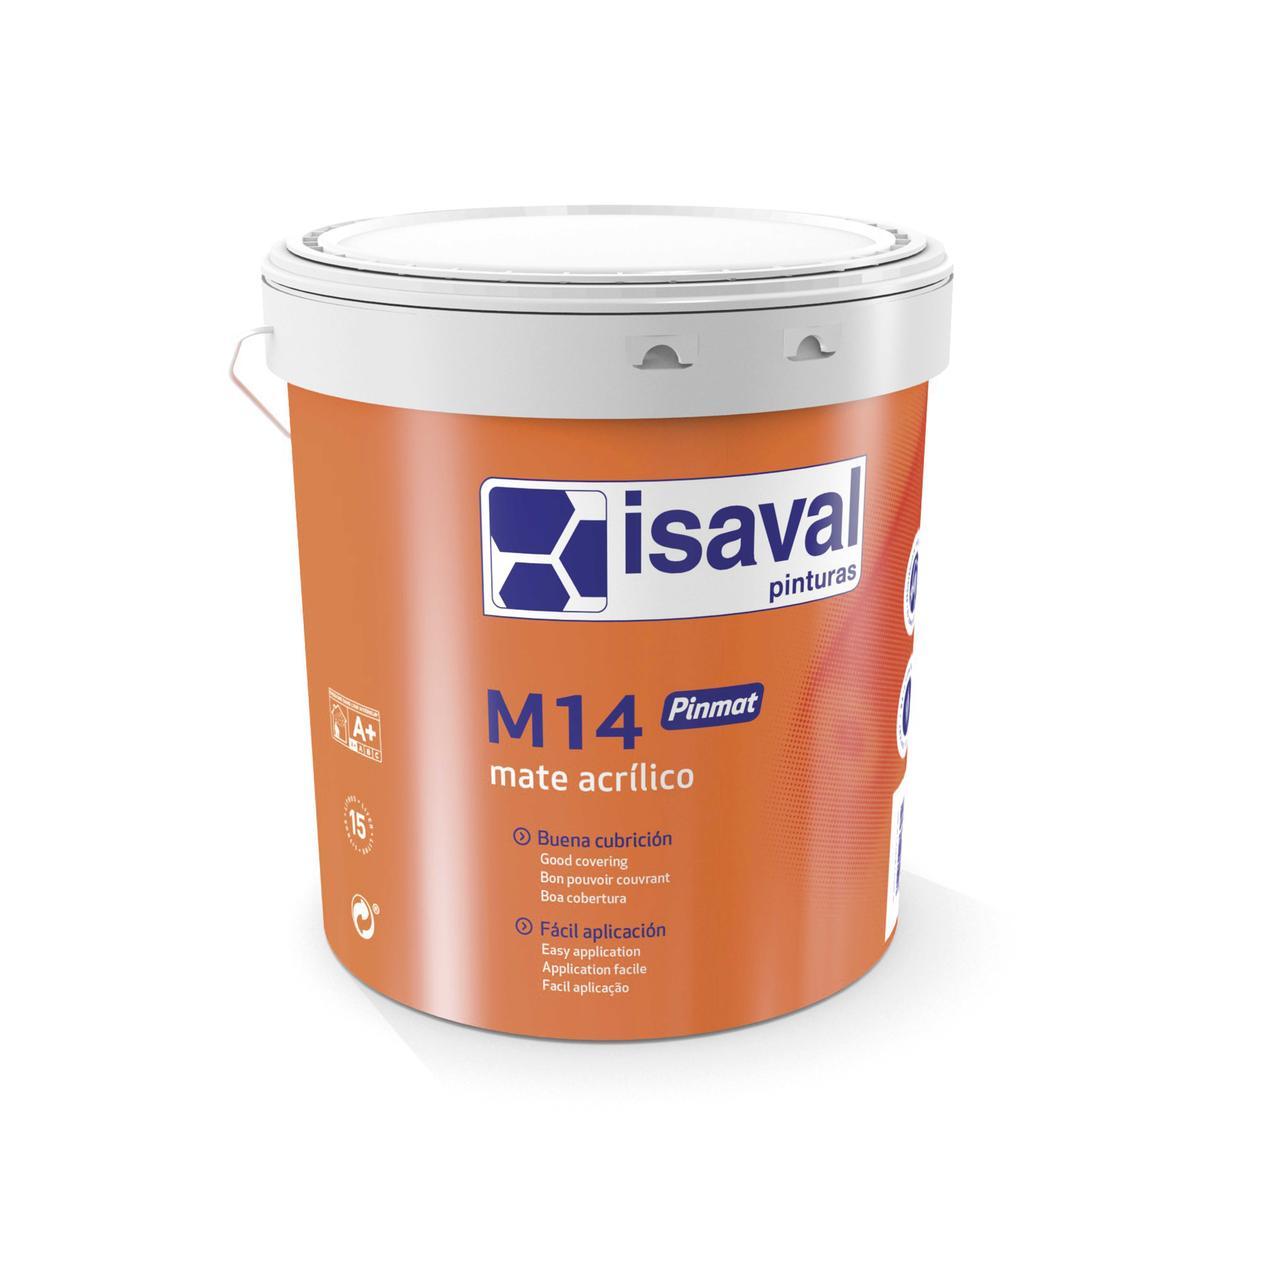 Фарба акрилова глибокоматова для стін і стель М-14 Пинмат ISAVAL 15л до 150м2/шар